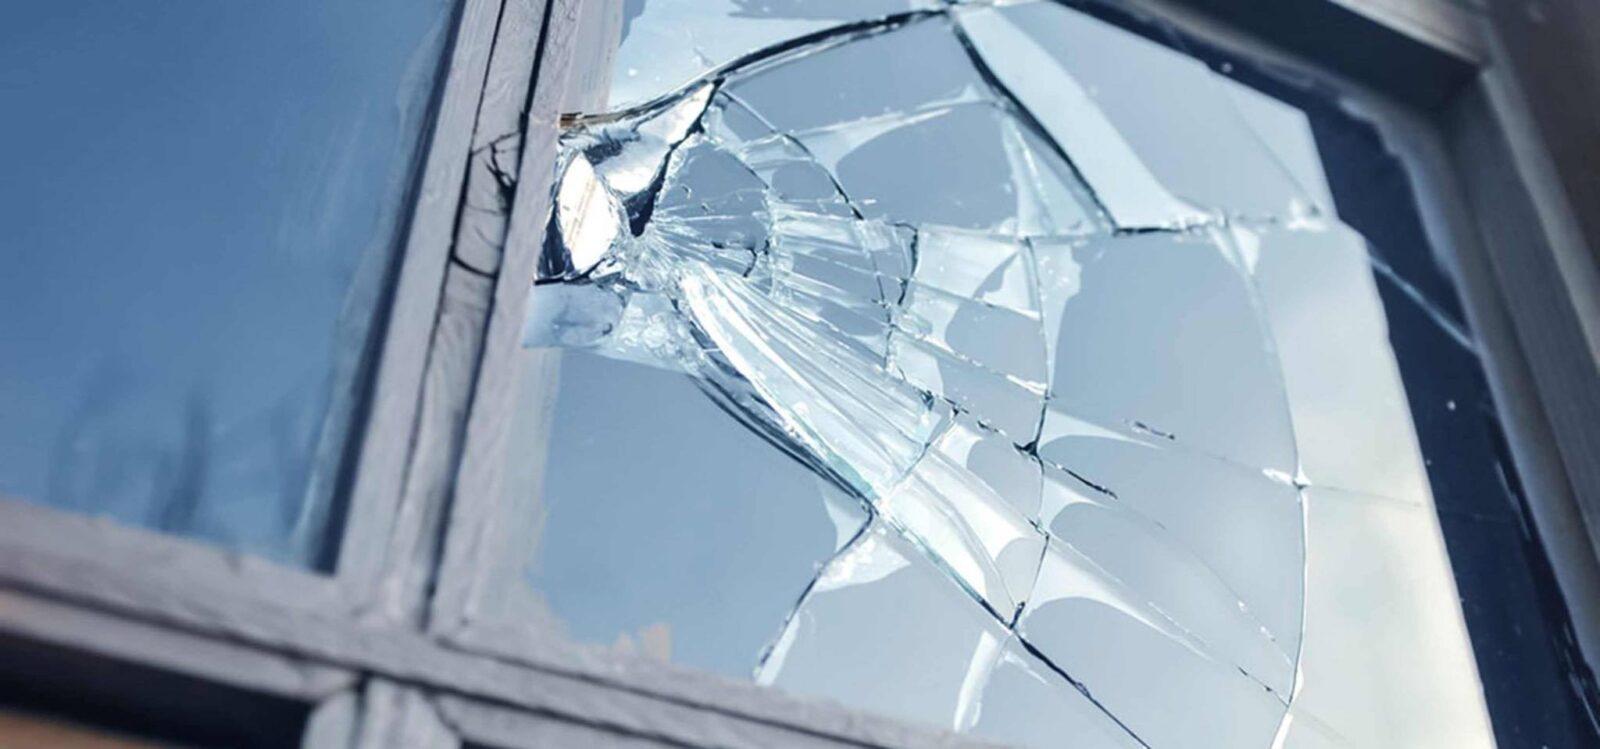 В Тверской области бытовую технику выносили через разбитое окно